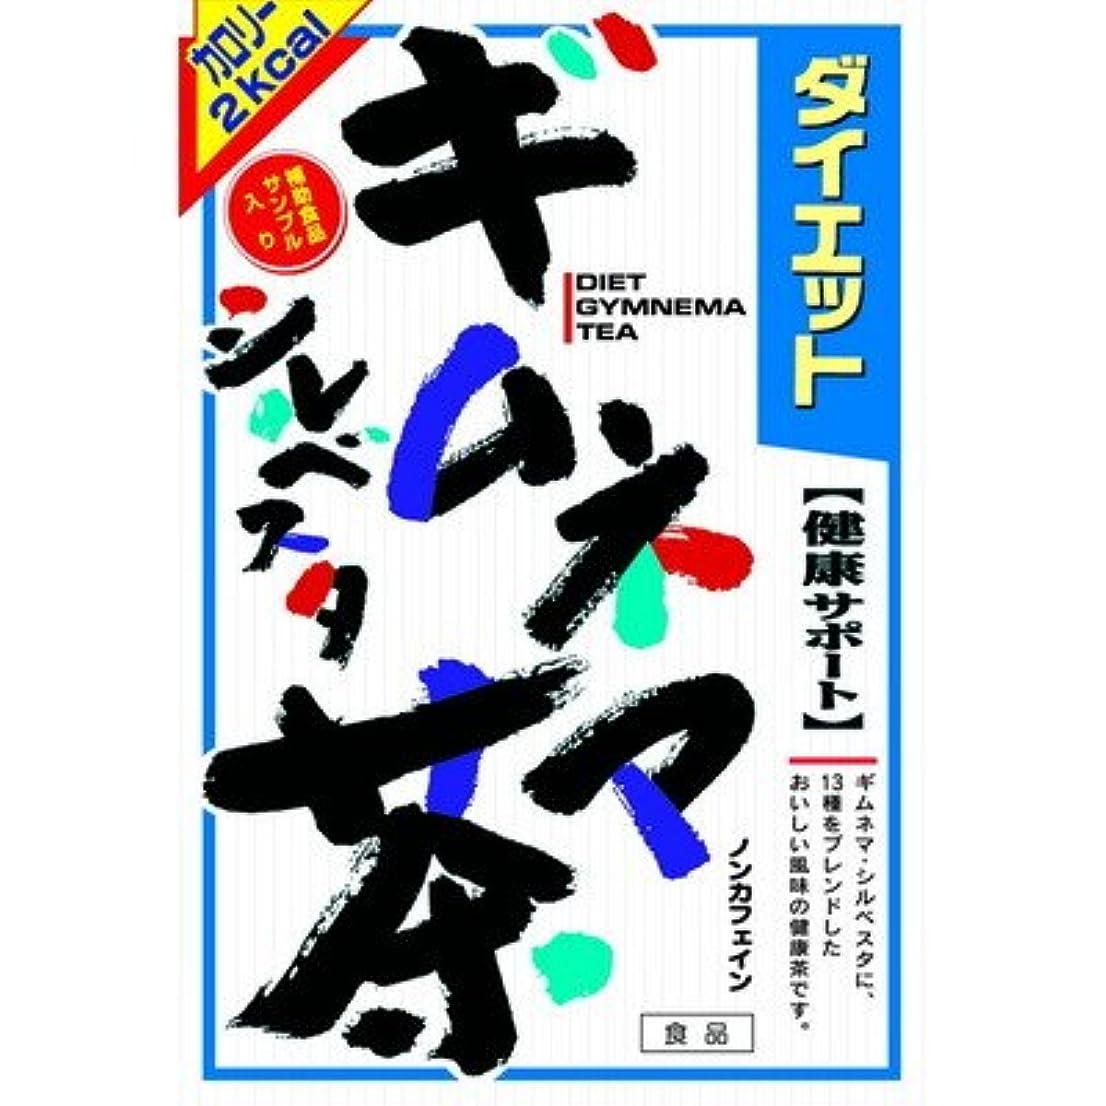 組み合わせ休眠ヘルシー山本漢方 ダイエットギムネマシルベスタ茶 8g x 24包【2個セット】